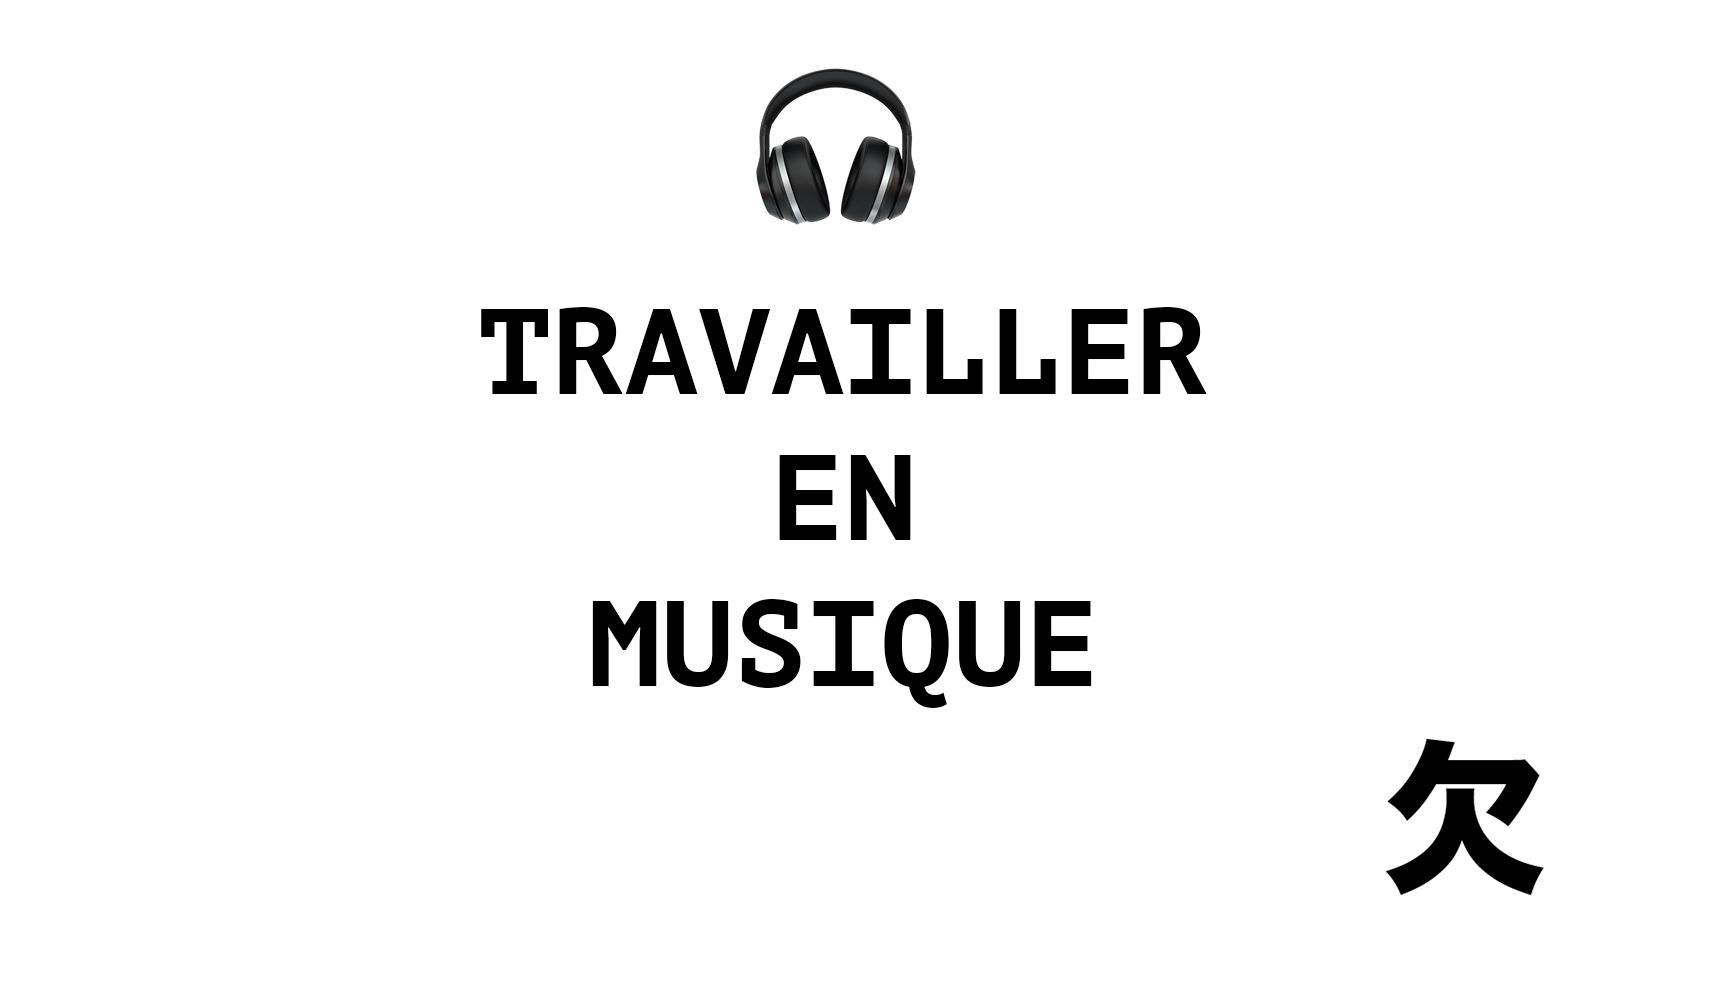 Travailler en musique : la playlist ultime